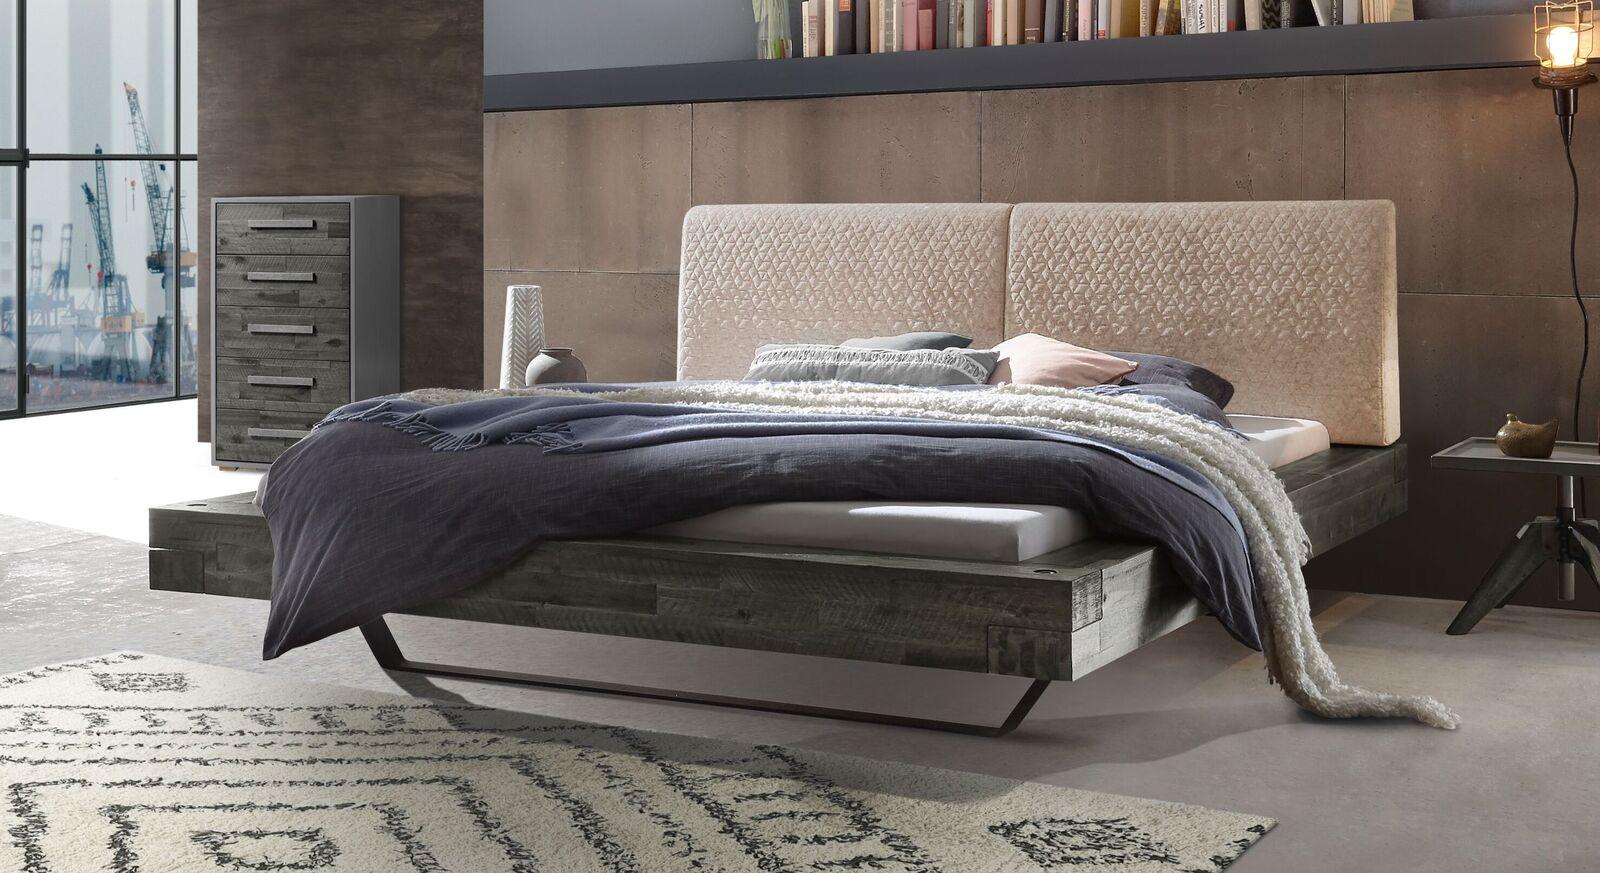 Bett Velario mit grauem Rahmen und cremefarbenem Kopfteil